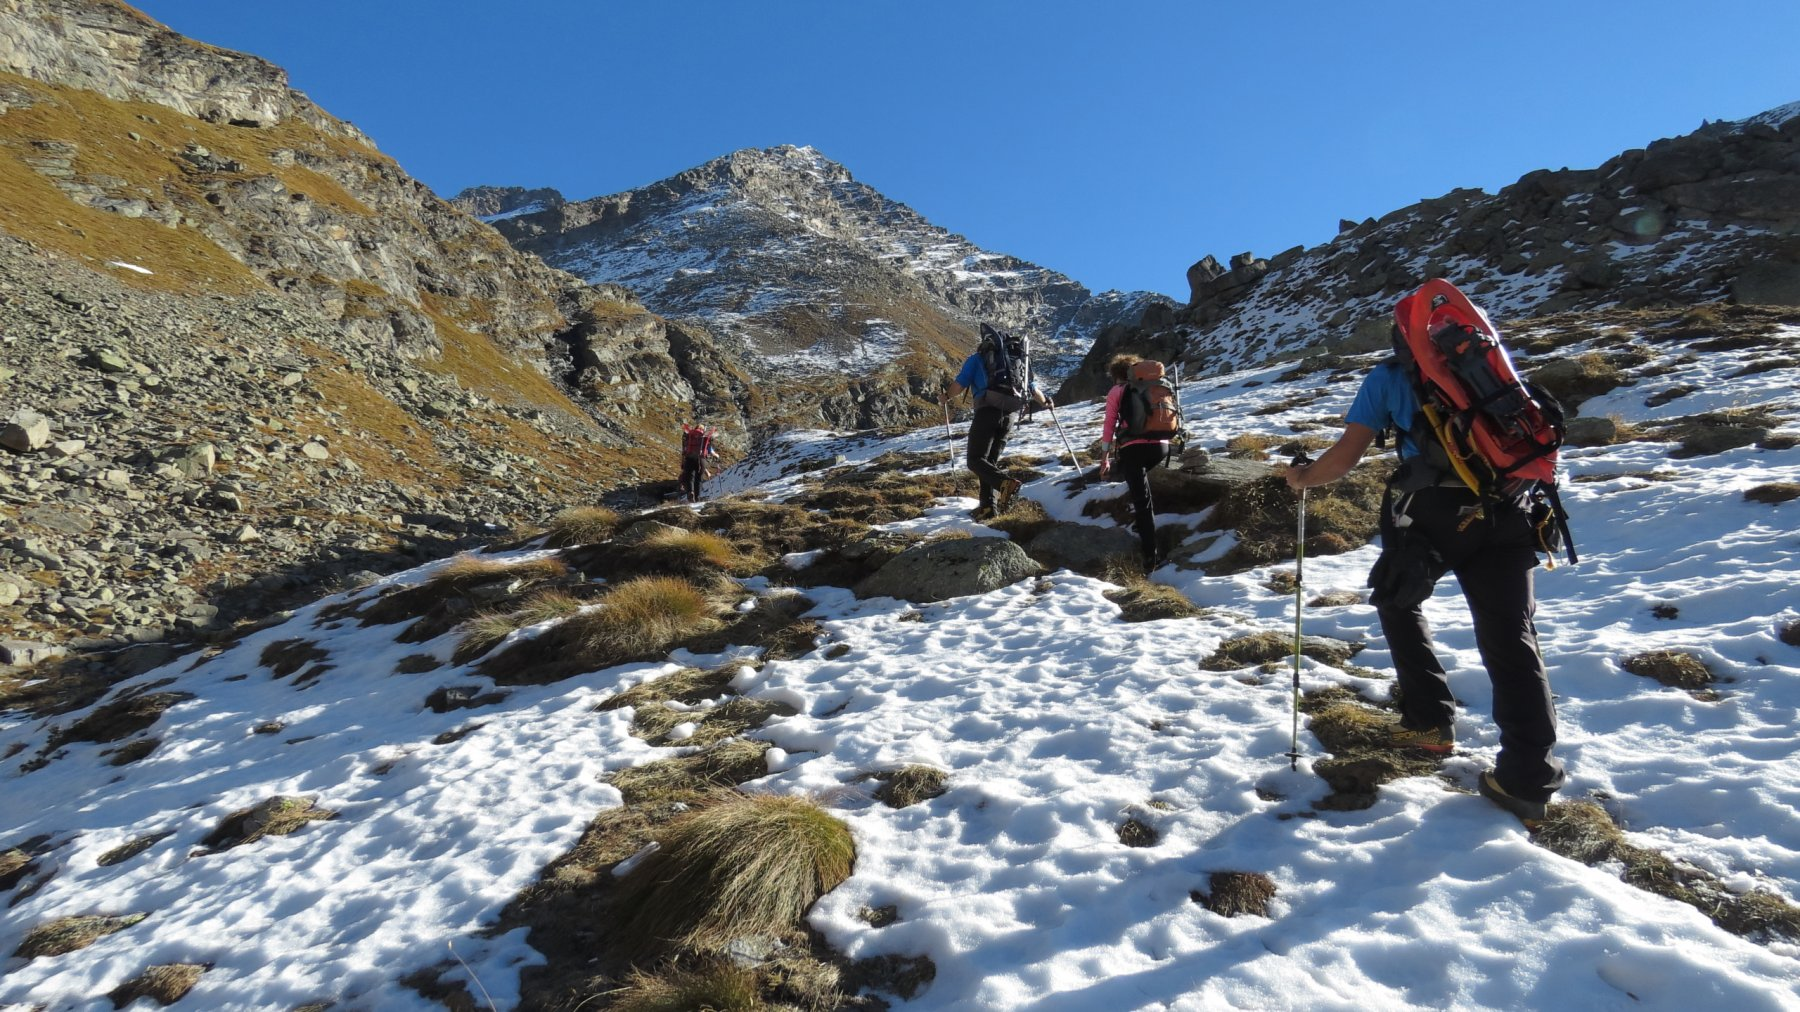 salendo lungo il sentiero Videsott a quota 2500 m